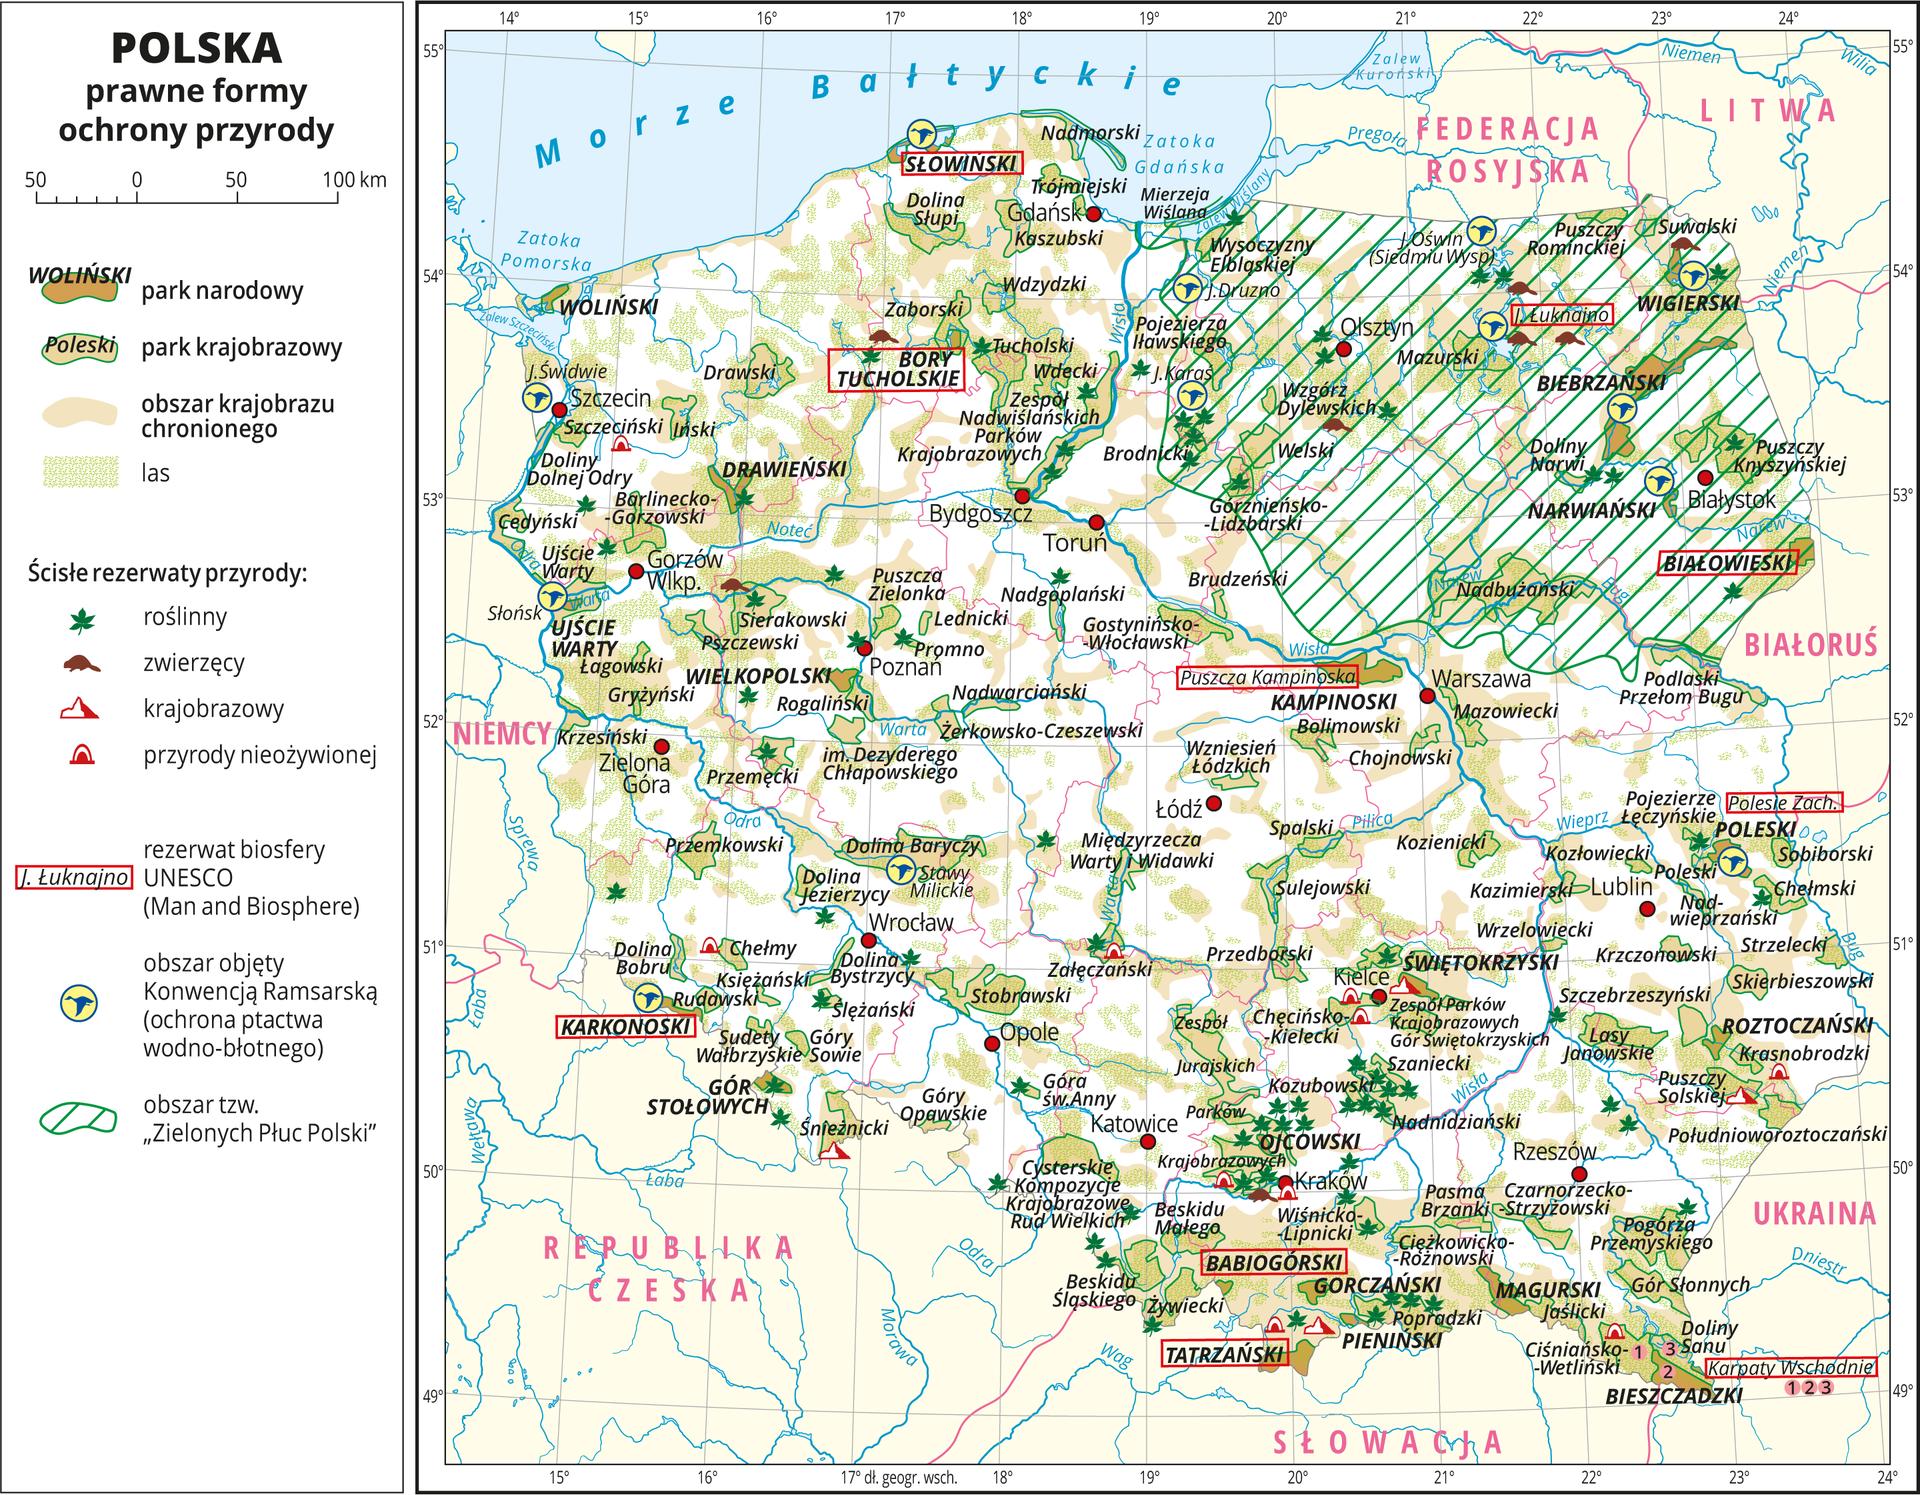 """lustracja przedstawia mapę Polski. Oznaczono iopisano miasta wojewódzkie. Granice województw oznaczono czerwonymi liniami. Opisano państwa sąsiadujące. Na mapie za pomocą barwnych plam pokazano prawne formy ochrony przyrody wPolsce: parki narodowe, parki krajobrazowe, obszary chronionego krajobrazu ilasy. Występują one na całej powierzchni mapy jednak największe zagęszczenie widać wrejonie pojezierzy, wyżyn, kotlin oraz wgórach. Opisano nazwy parków narodowych irezerwatów. Nazwy miejsc, które są rezerwatami biosfery UNESCO otoczono czerwoną ramką – takich miejsc jest dziesięć iwystępują na terenie całej Polski. Za pomocą sygnatur przedstawiono rezerwaty przyrody: roślinne, zwierzęce, krajobrazowe, przyrody nieożywionej. Ich największe zagęszczenie jest na terenach parków narodowych ikrajobrazowych – najwięcej na obszarze Wyżyny Krakowsko-Częstochowskiej. Za pomocą sygnatury niebieskiego ptaka wżółtym kółku przedstawiono obszary objęte Konwencją Ramsarską – obszary ochrony ptactwa wodno-błotnego – takich obszarów jest kilkanaście iwystępują głównie na Pojezierzu Mazurskim, wDolinie Baryczy iuujść rzek. Obszar """"Zielonych Płuc Polski"""" zakreskowano kolorem zielonym, znajduje się on na północnym-wschodzie isięga do Bugu. Mapa zawiera południki irównoleżniki, dookoła mapy wbiałej ramce opisano współrzędne geograficzne co jeden stopień. Wlegendzie zlewej strony mapy objaśniono znaki użyte na mapie."""